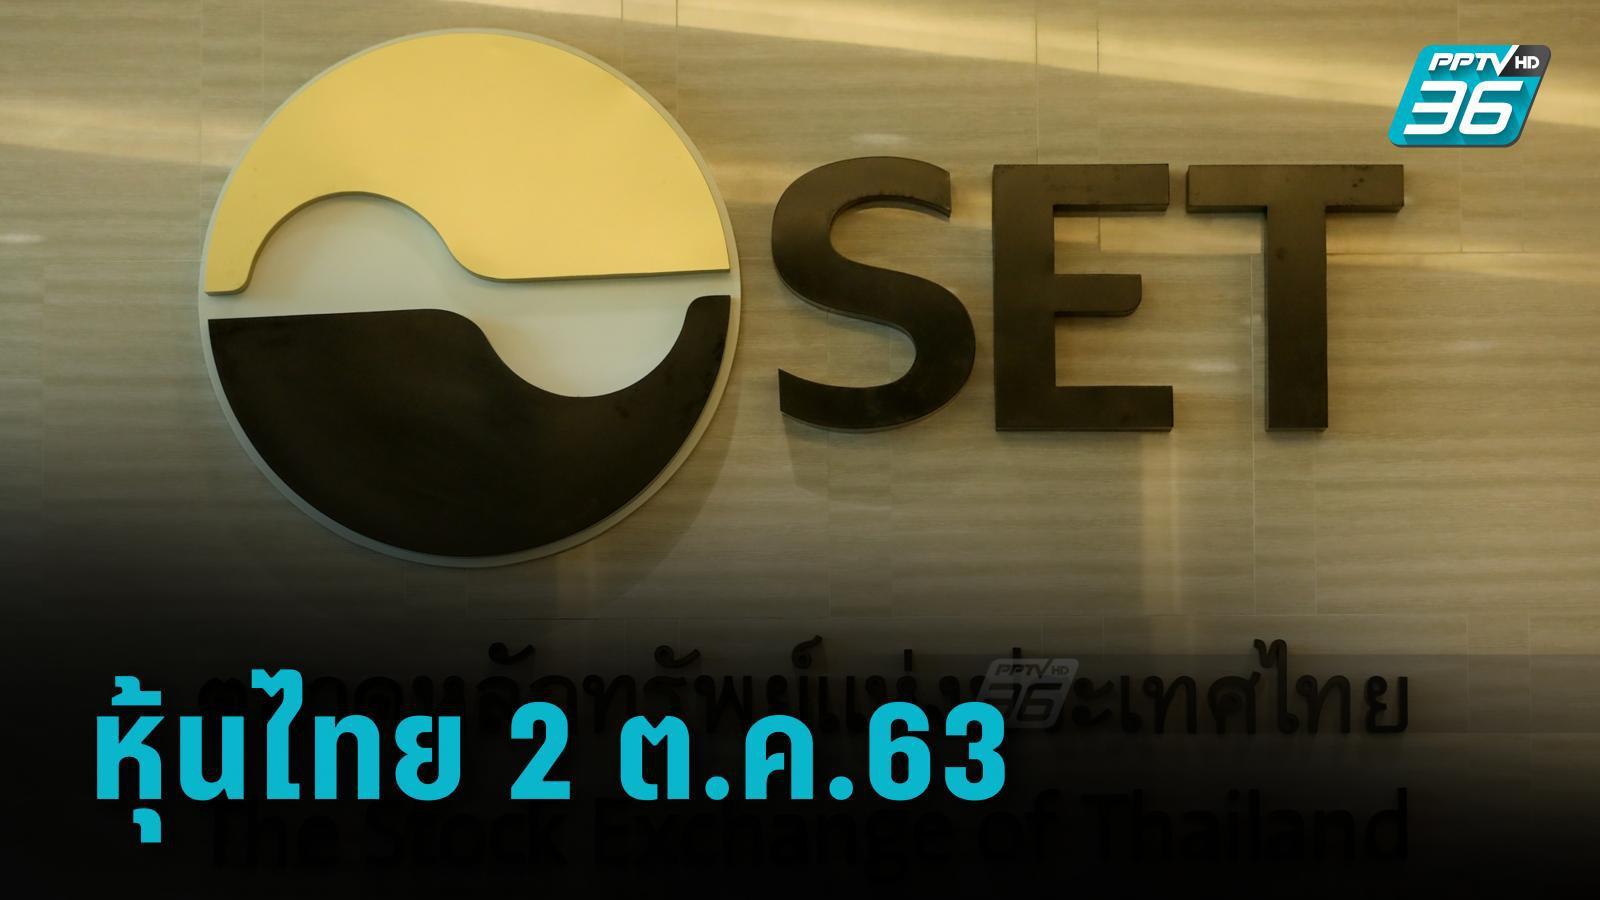 หุ้นไทยวันนี้ ( 2ต.ค.63) ปิดการซื้อขายที่ 1,233.14 จุด ลดลง-14.45 จุด